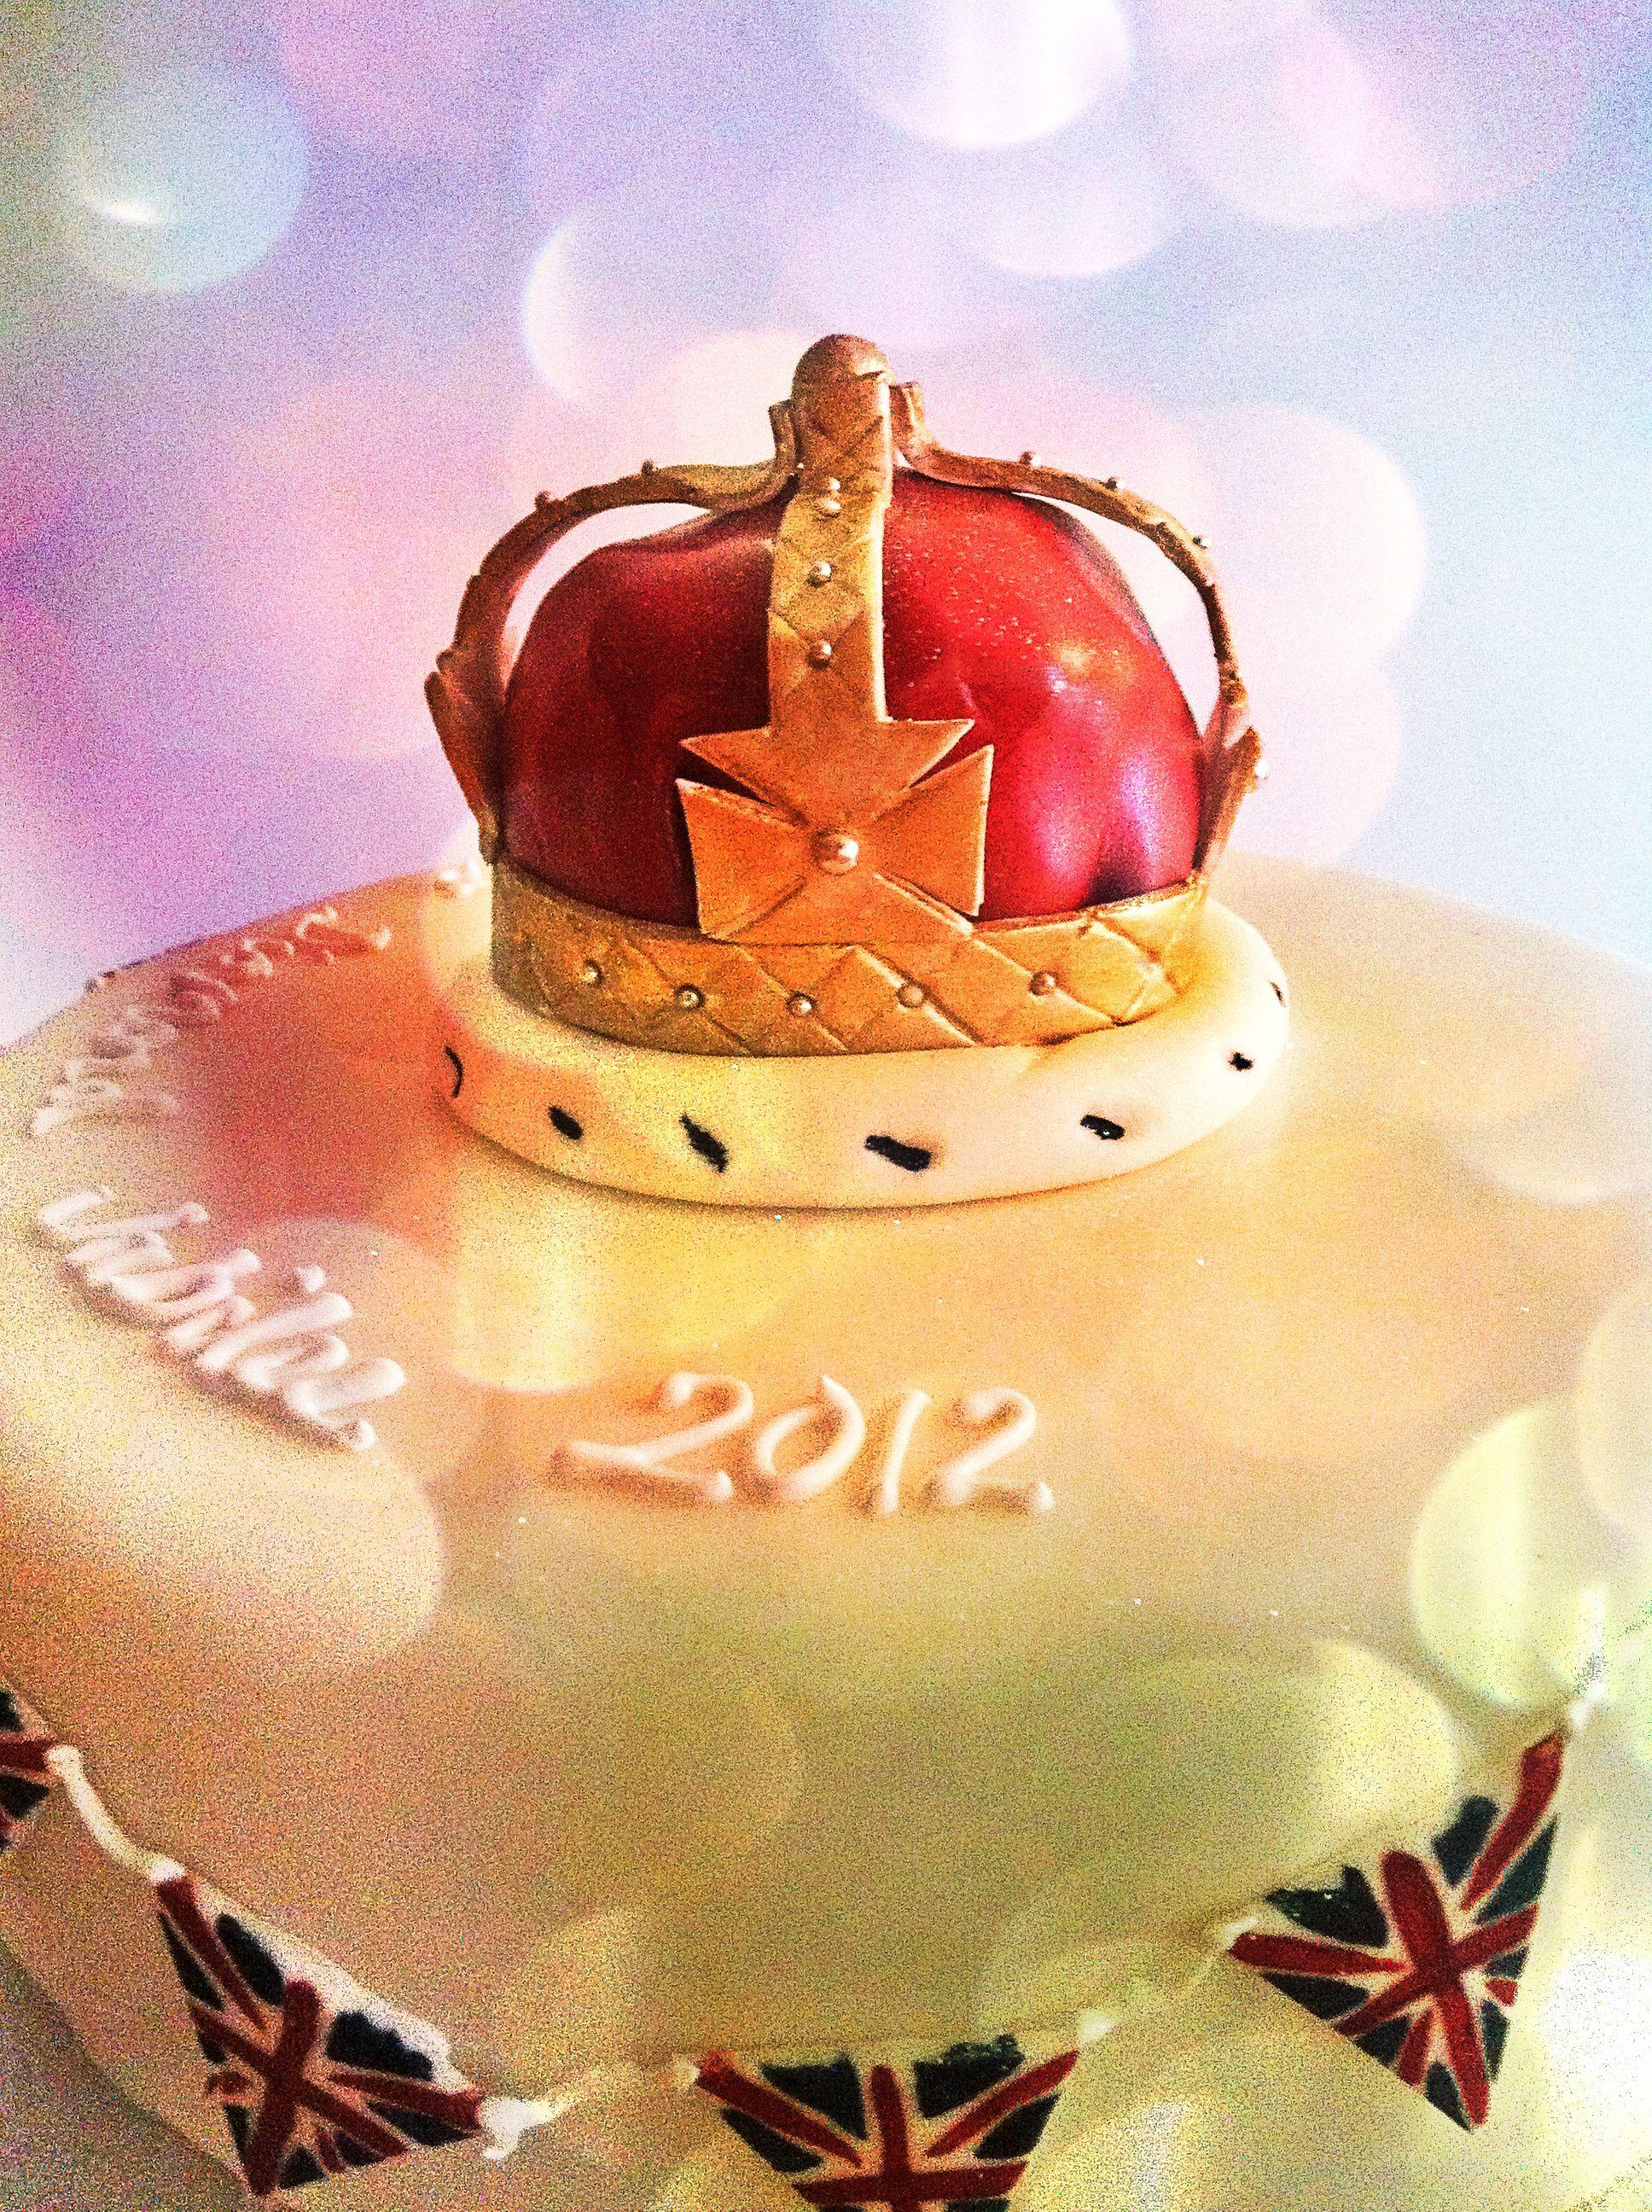 Diamond jubilee sugar crown cake rose cake memorable